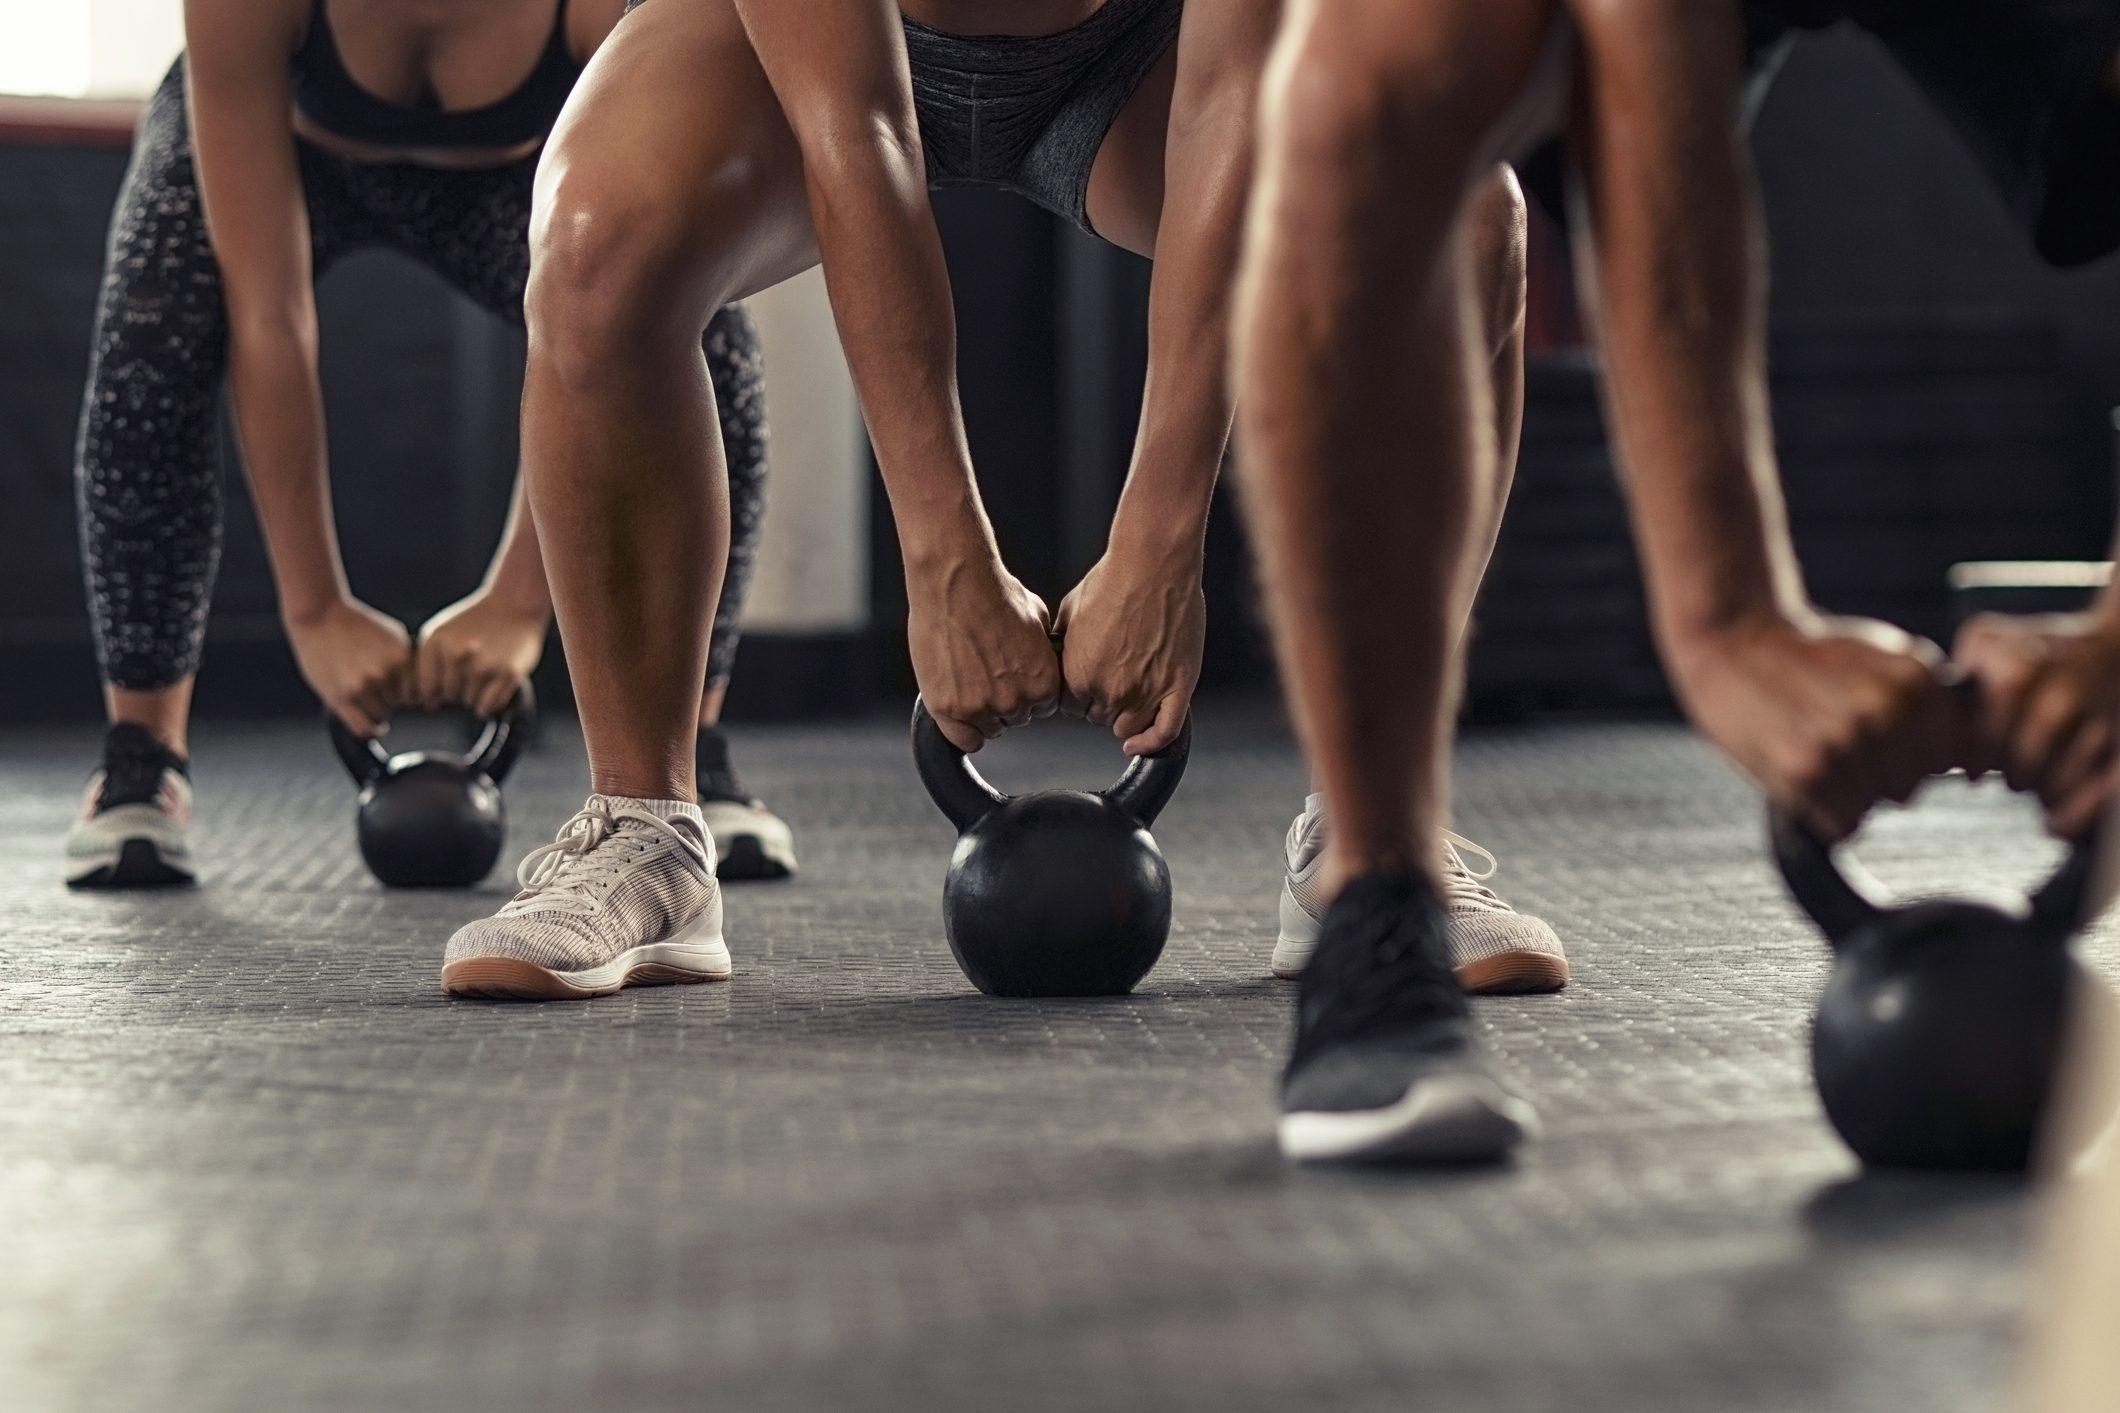 weight training exercise